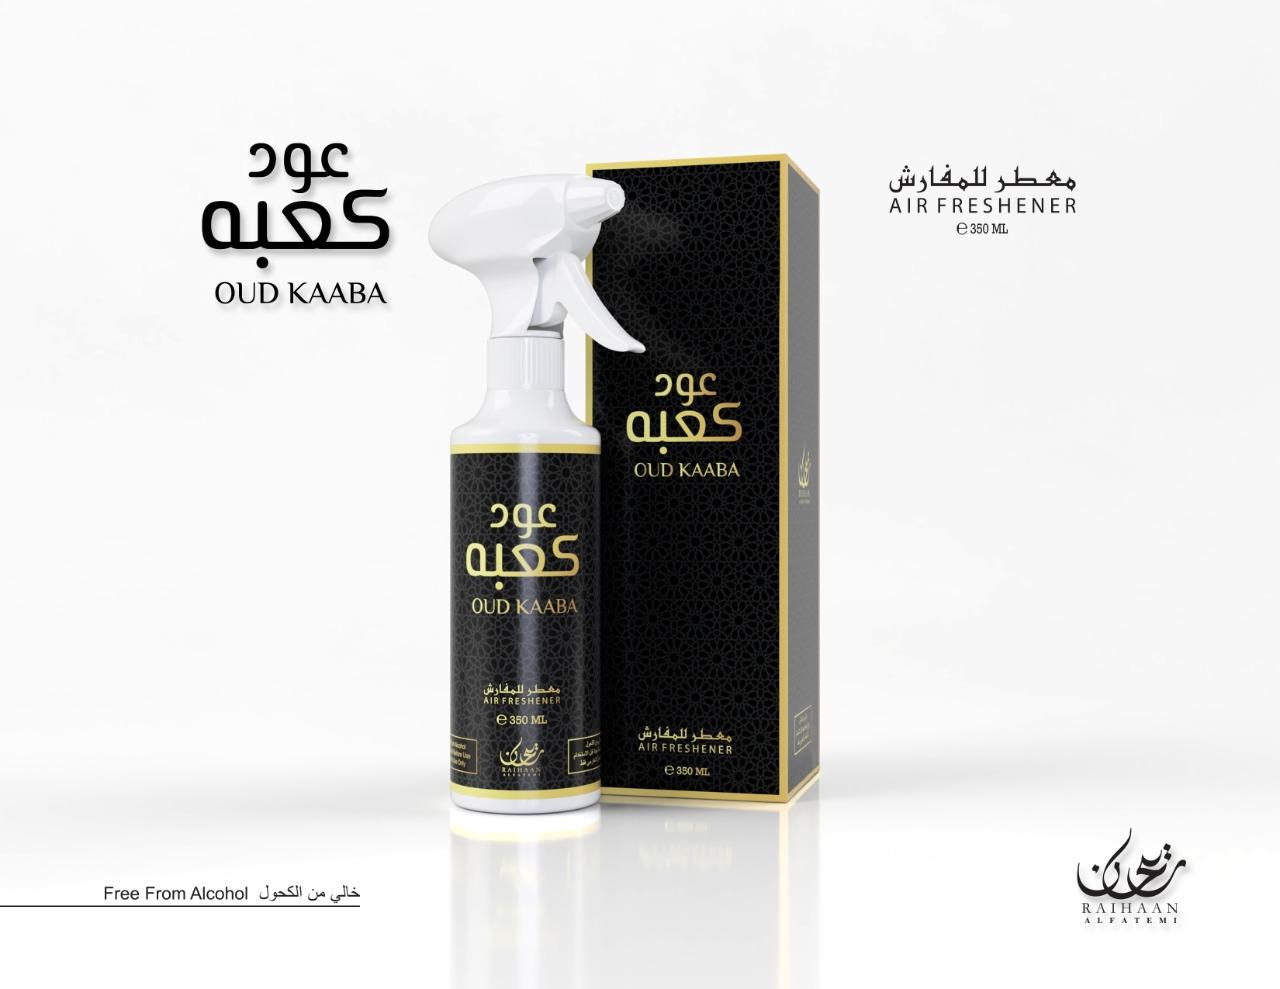 Spray d'intérieur Oud Kaaba de la maison de parfumerie Raihaan Al Fatemi des émirats arabes unis qui va nous rappeler l'odeur de Mekka et plus particulièrement de la Kaaba. Contenance 350ml.